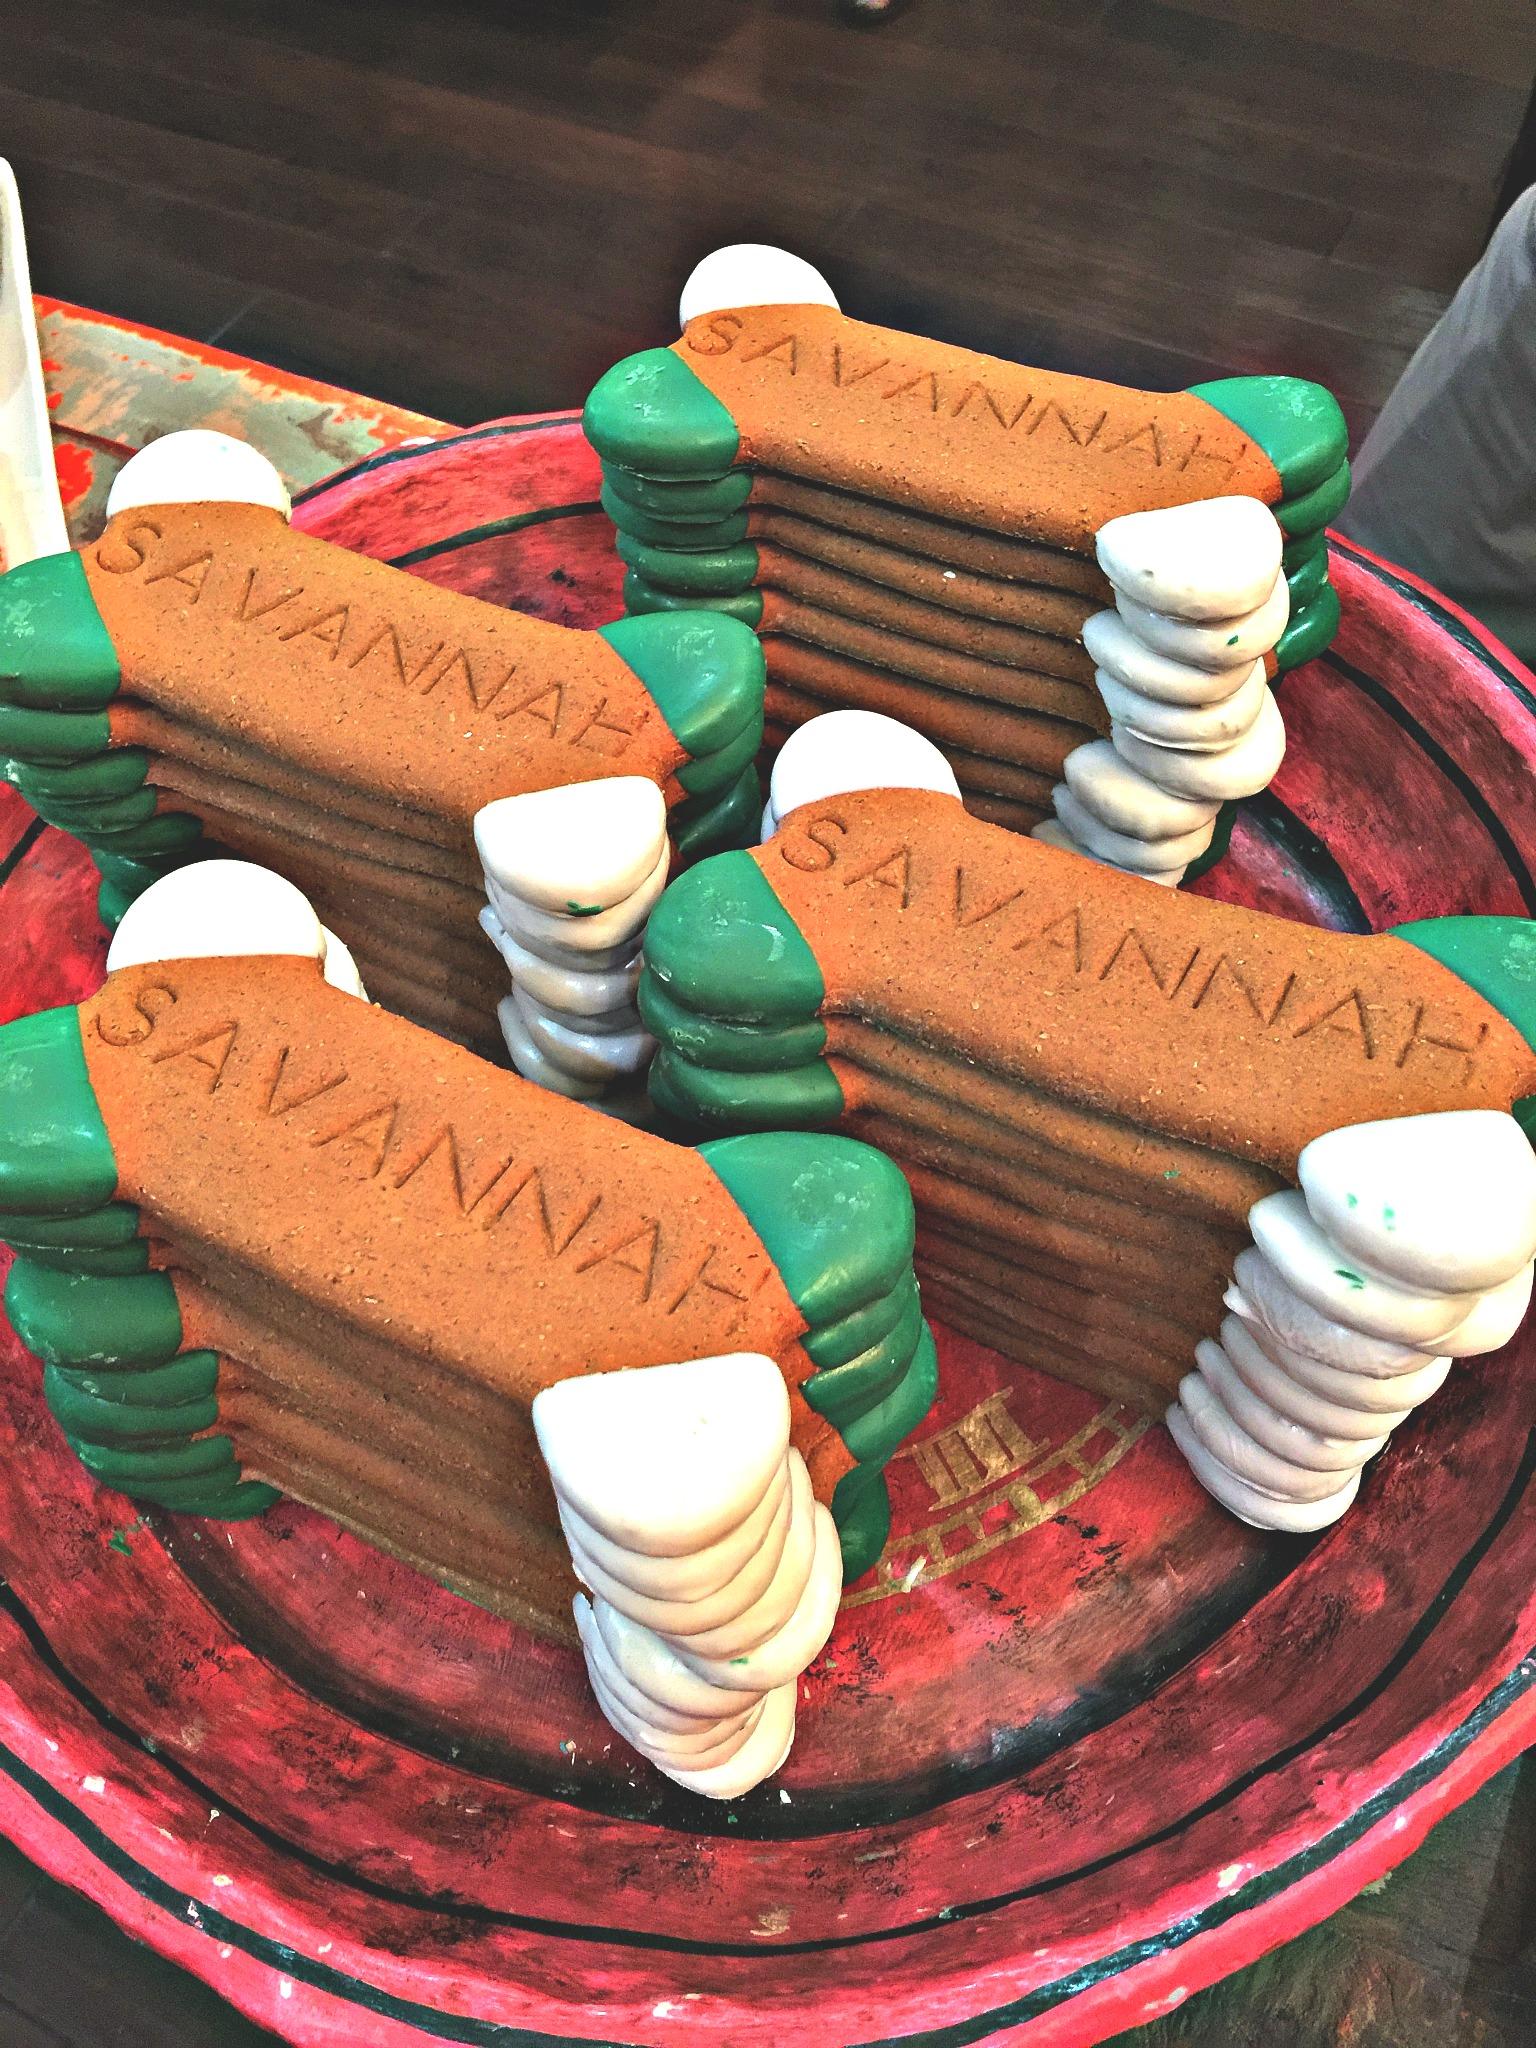 Woof Gang Bakery Savannah GA